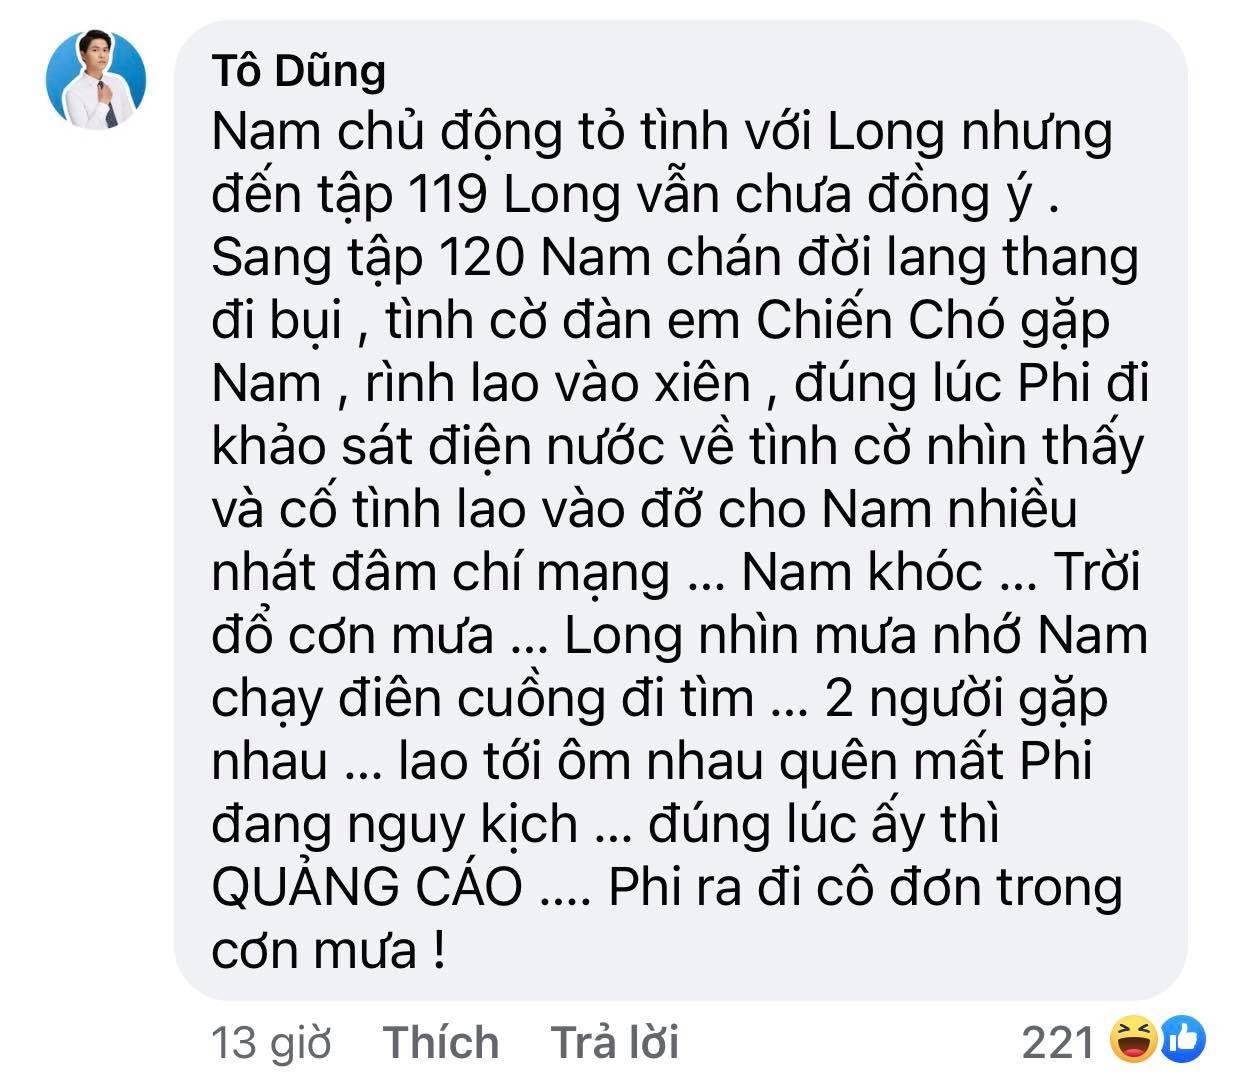 Các fan 'hết hồn' khi Mạnh Trường, Thu Quỳnh, Tô Dũngnói về diễn biến tiếp theo của 'Hương vị tình thân' 4